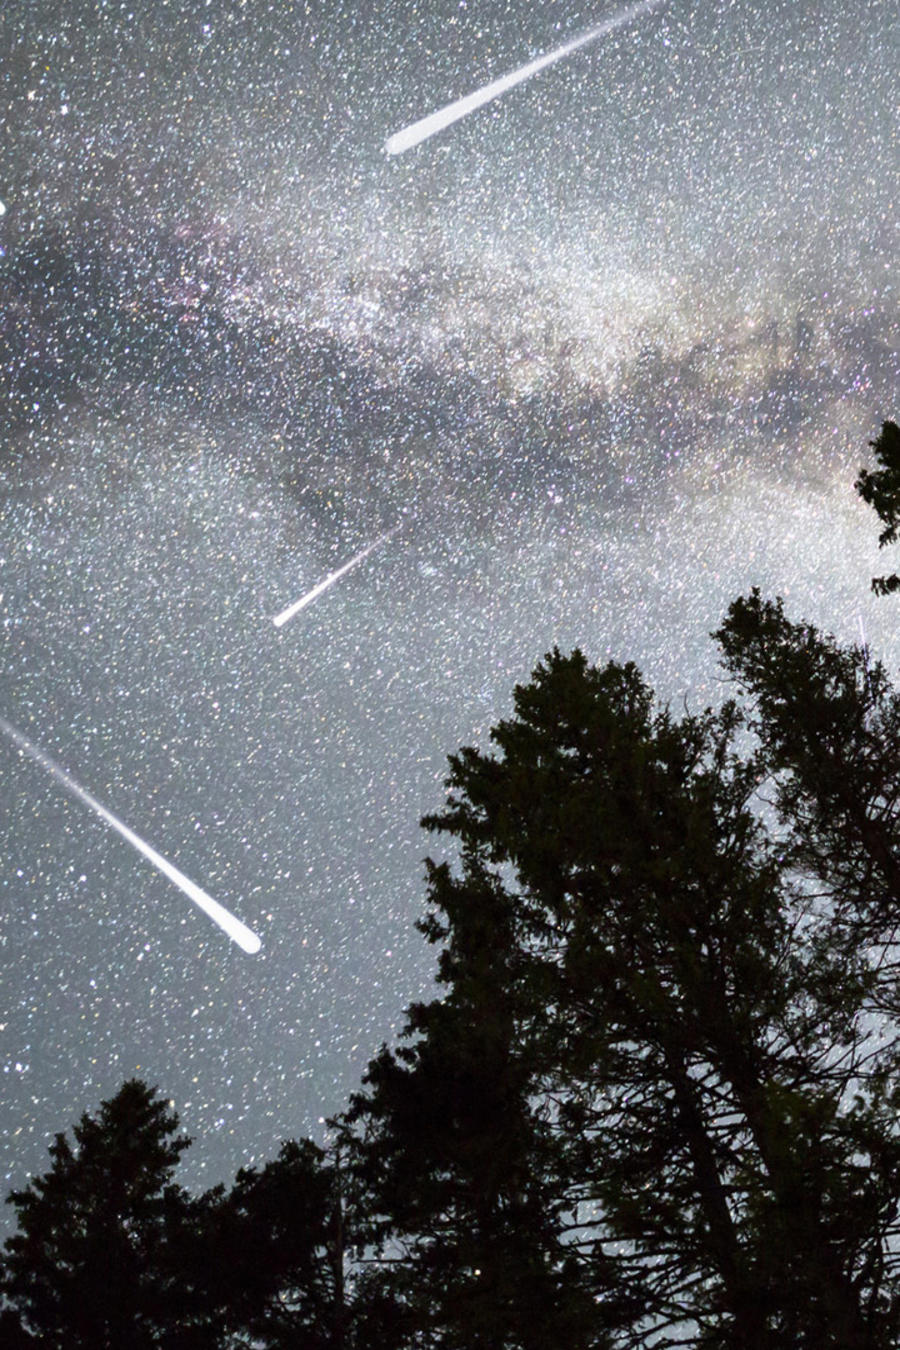 Pinos y lluvia de estrellas